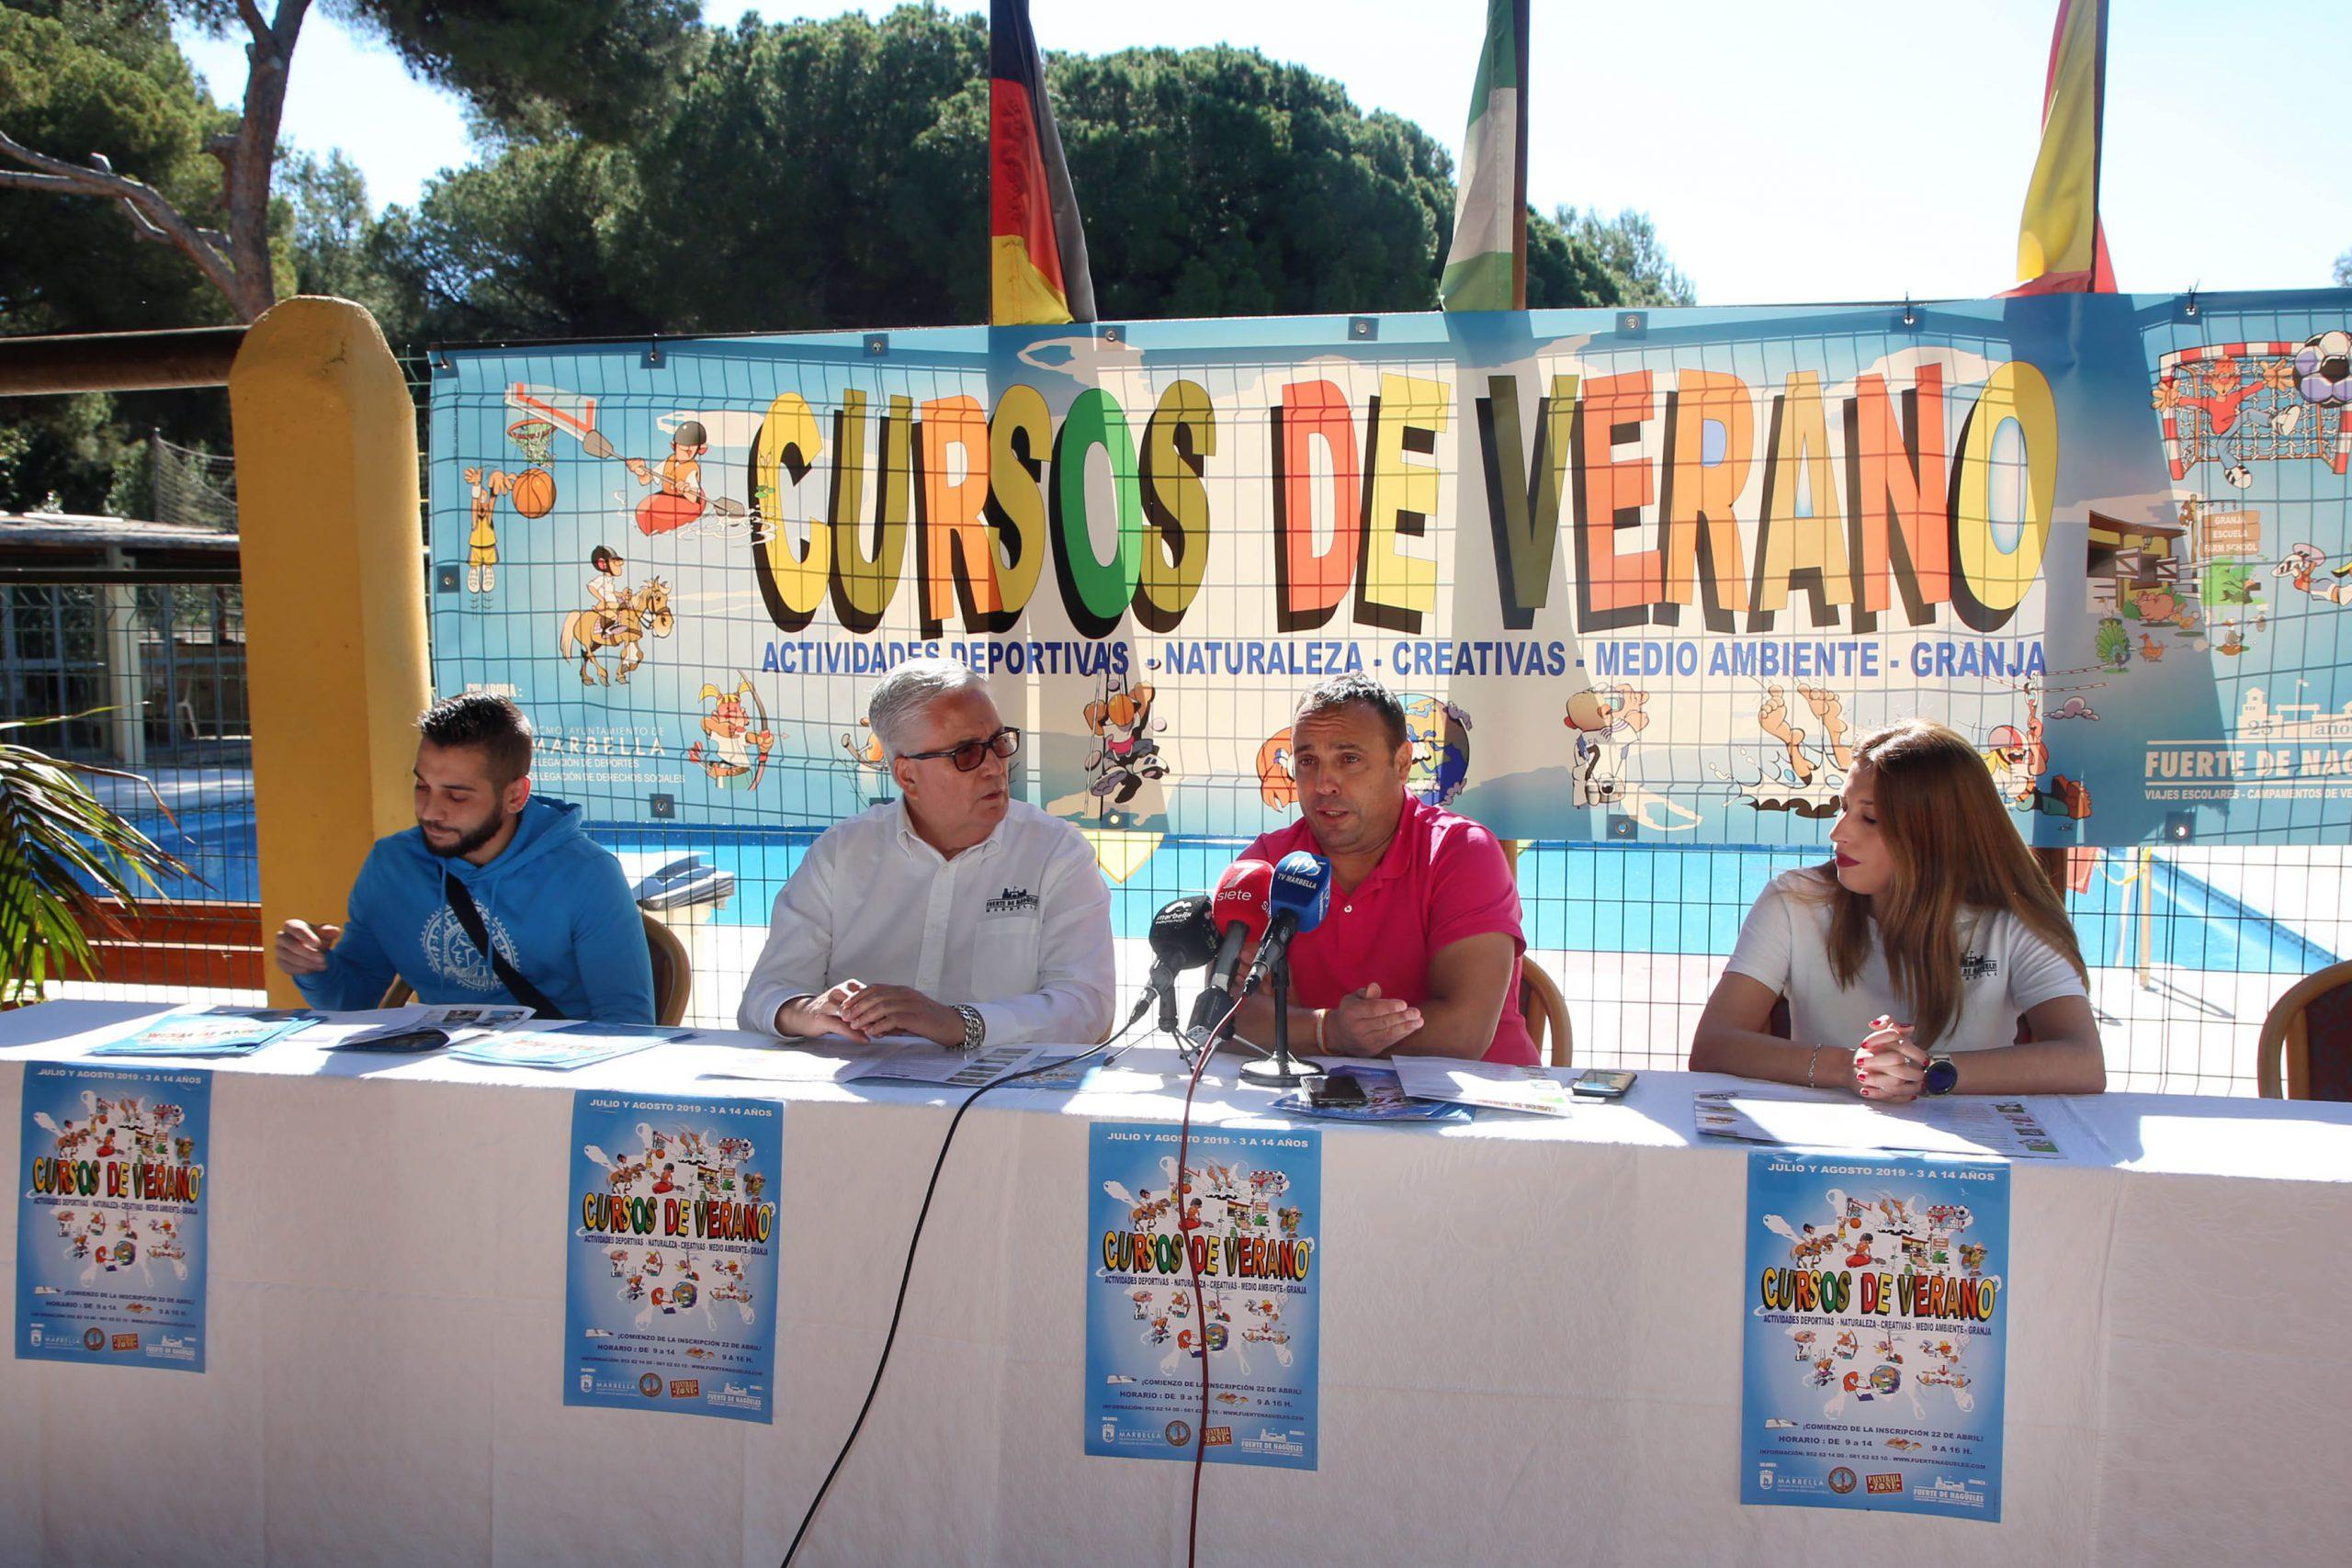 Los cursos de verano del Fuerte Nagüeles ofrecerán más de 30 actividades